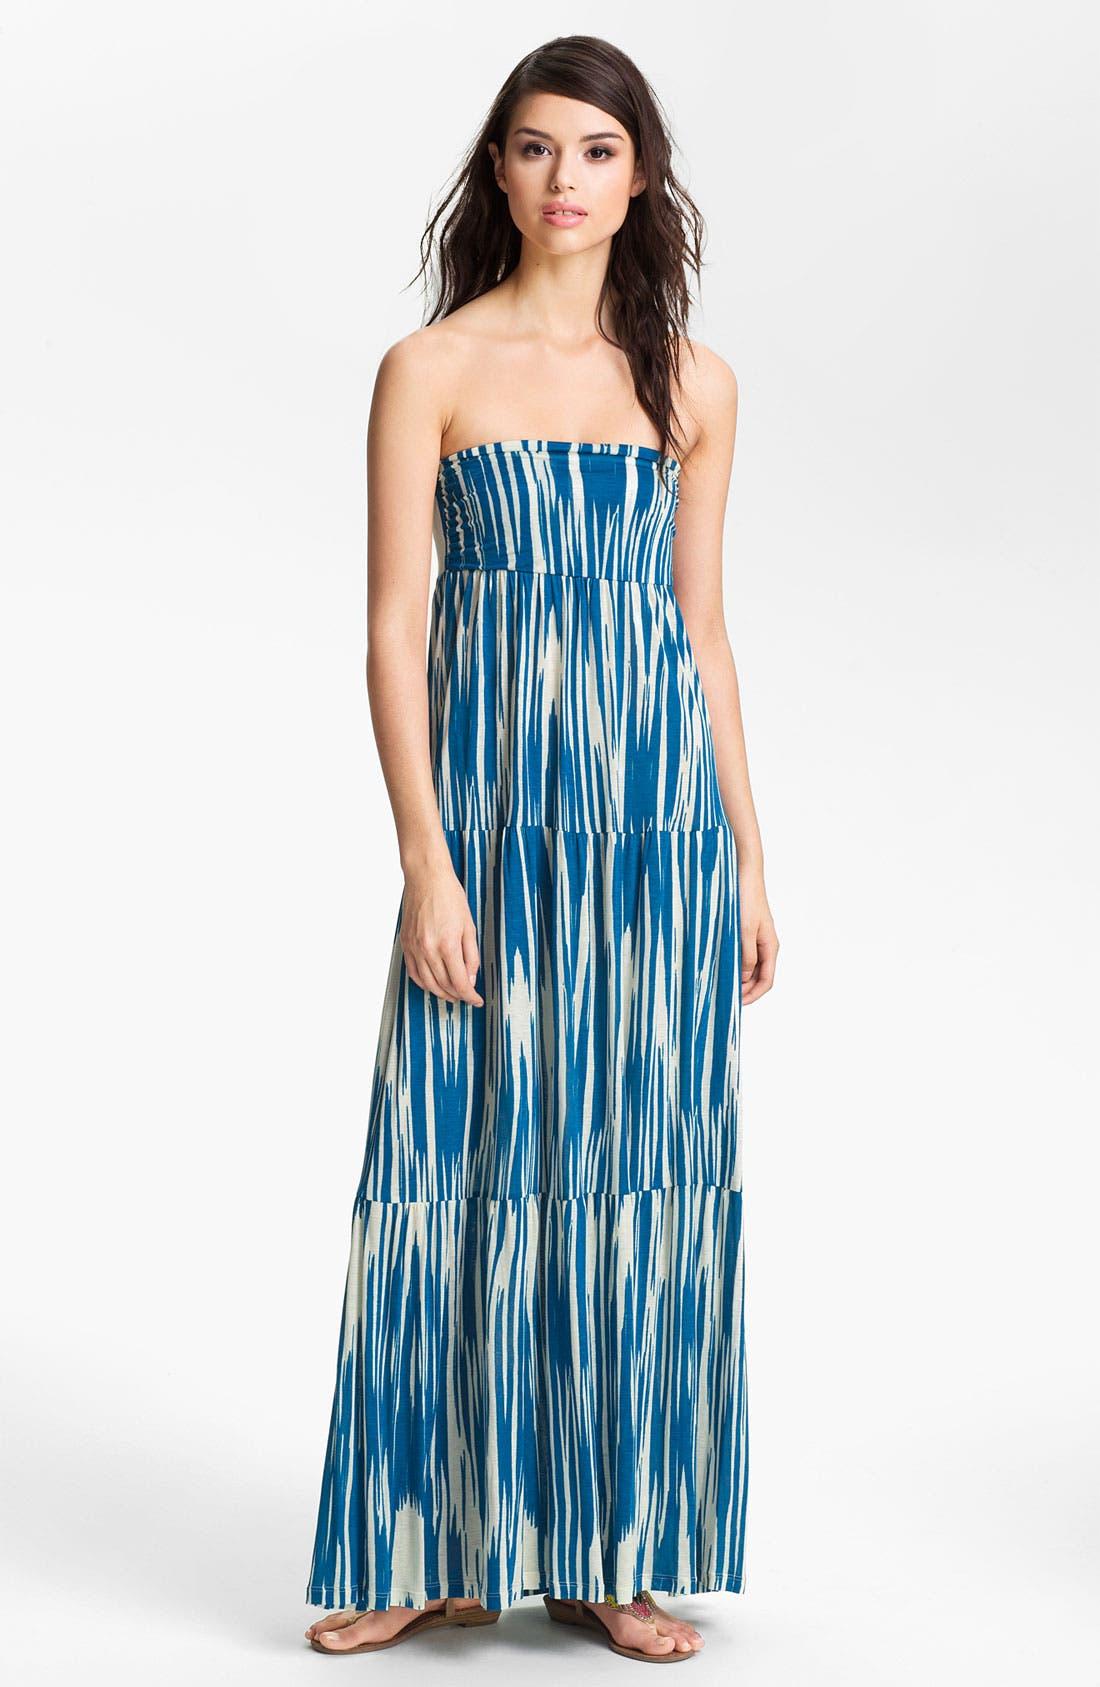 Main Image - Velvet by Graham & Spencer 'Atlantis' Tiered Strapless Maxi Dress